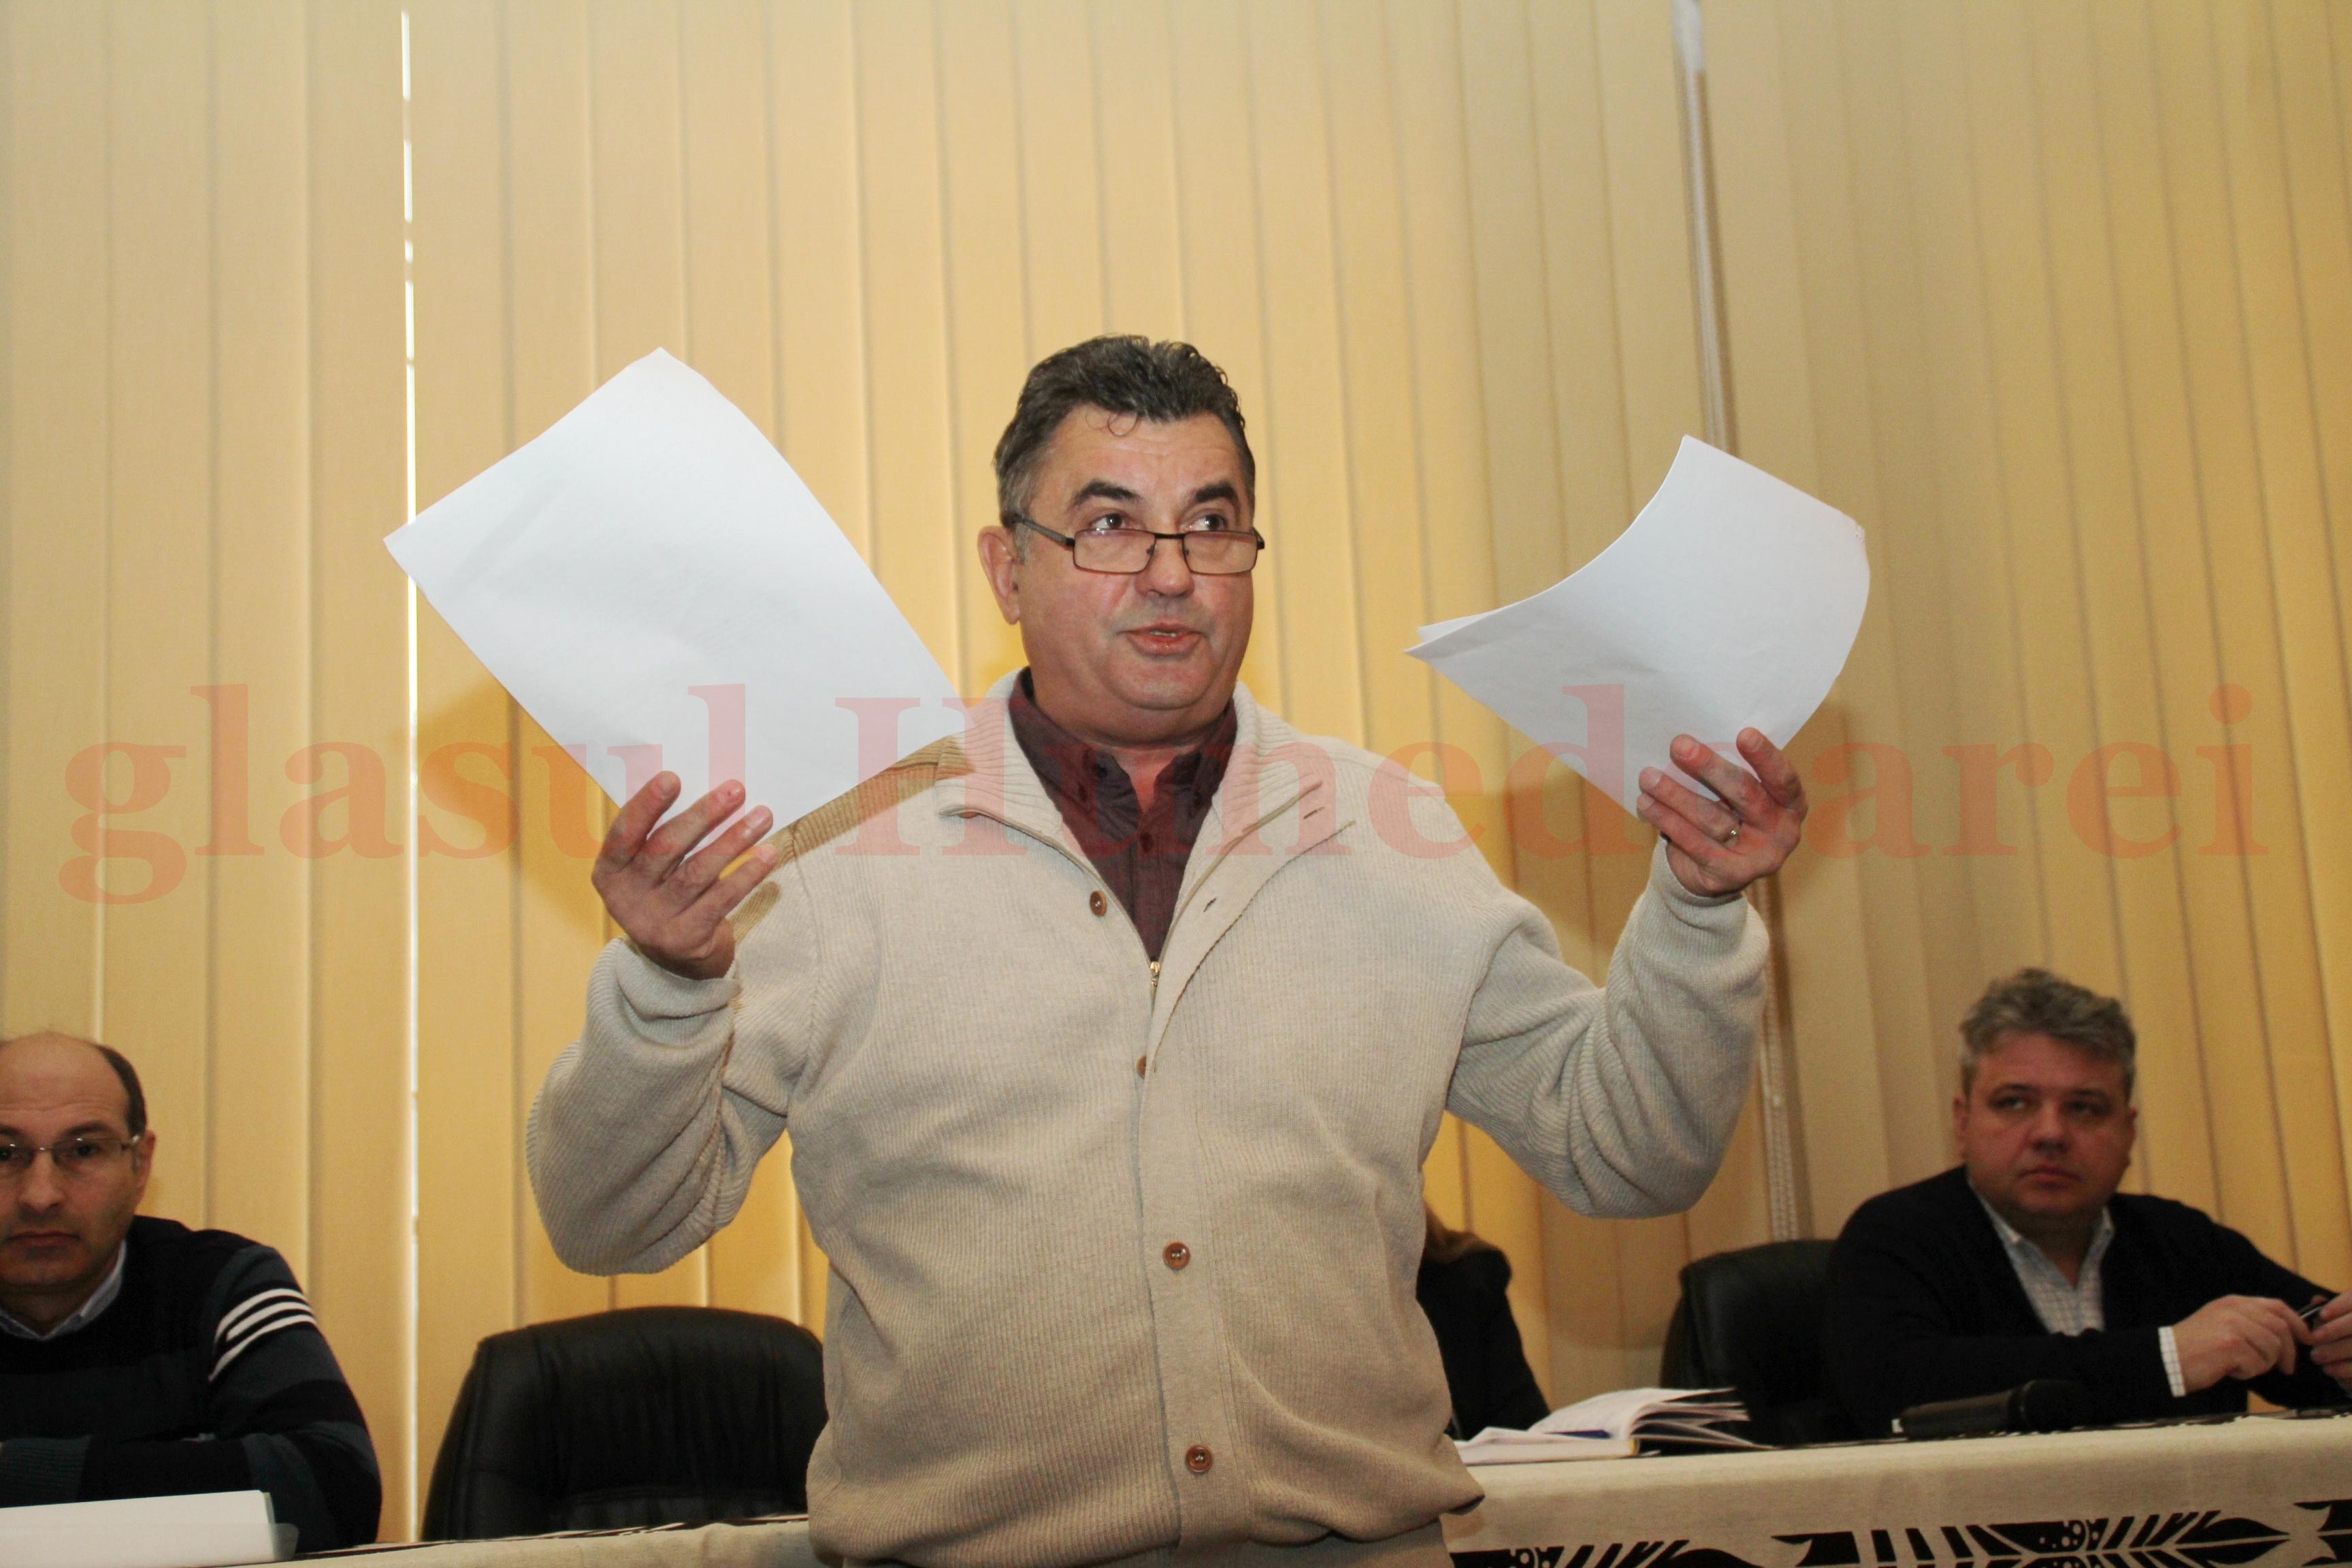 """Photo of Primăria Deva """"umblă"""" cu plângeri pe la CNA. După ce primarul Petru Mărginean a jignit o parte a presei, tot edilul s-a simțit deranjat"""